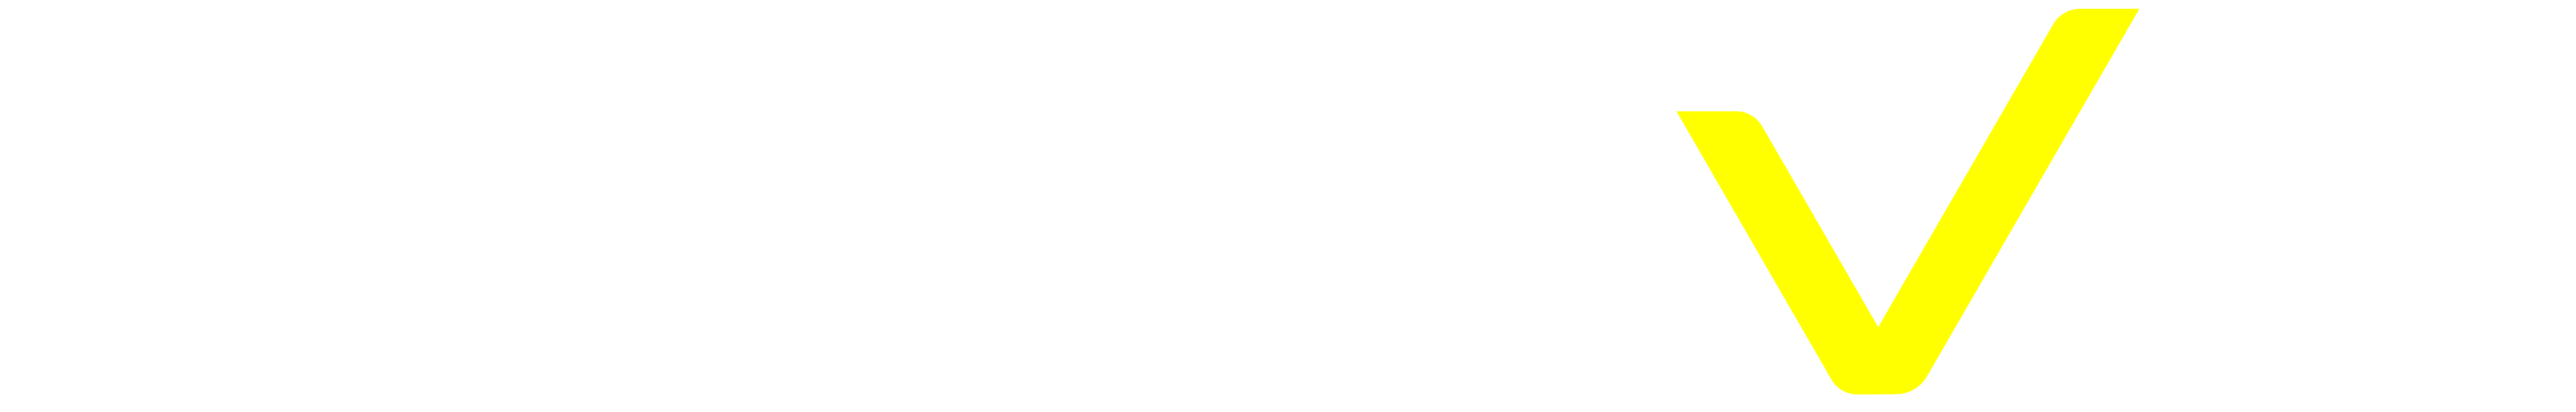 i-renewal